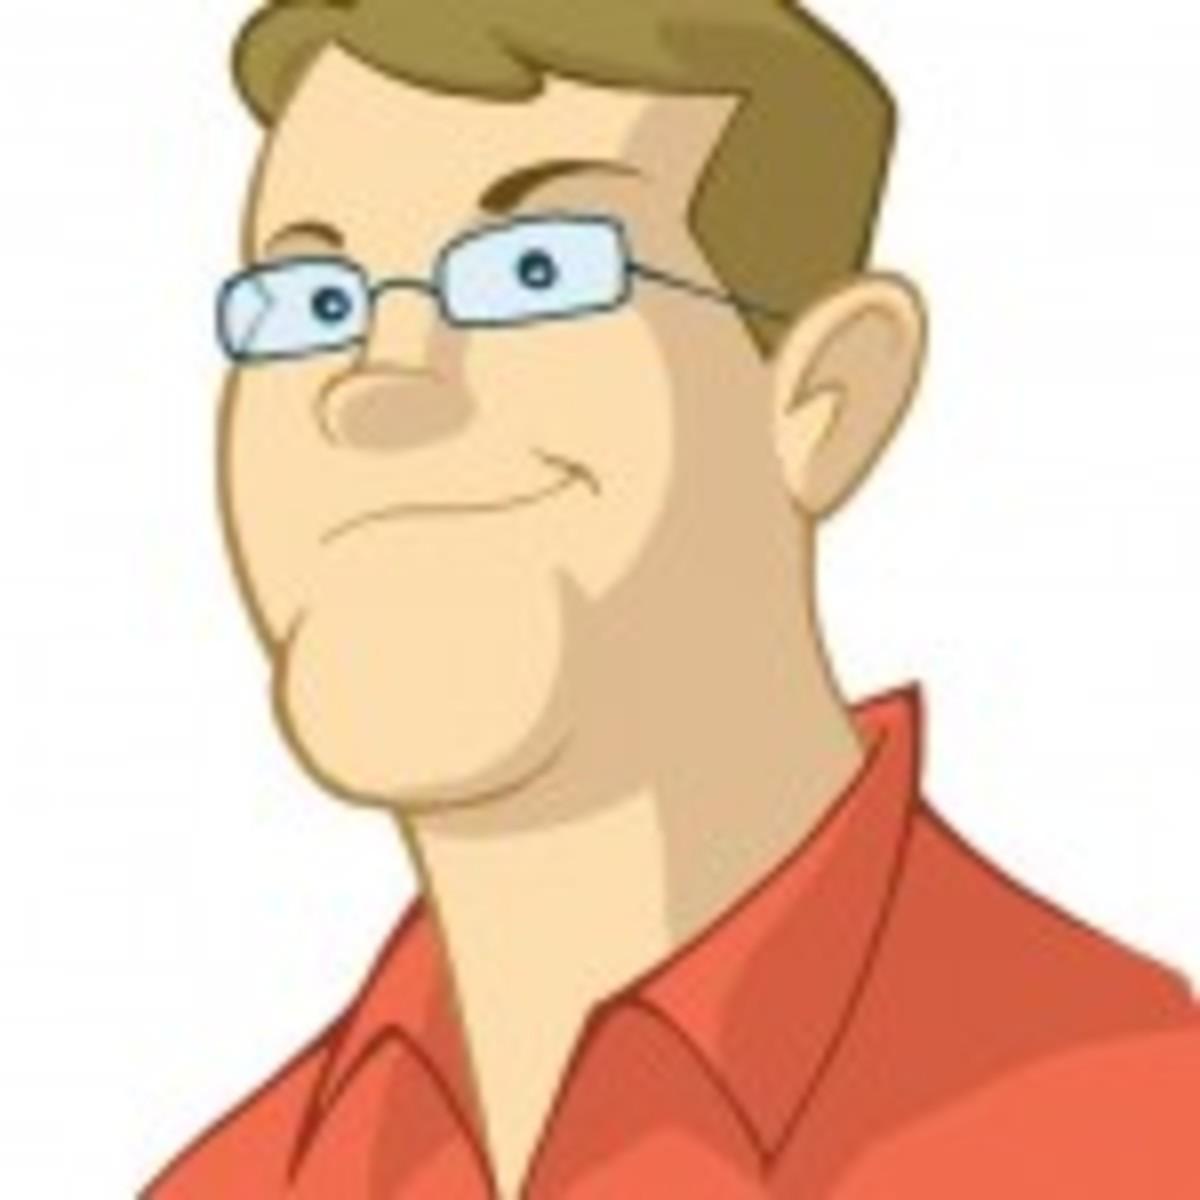 Comics Experience's Andy Schmidt